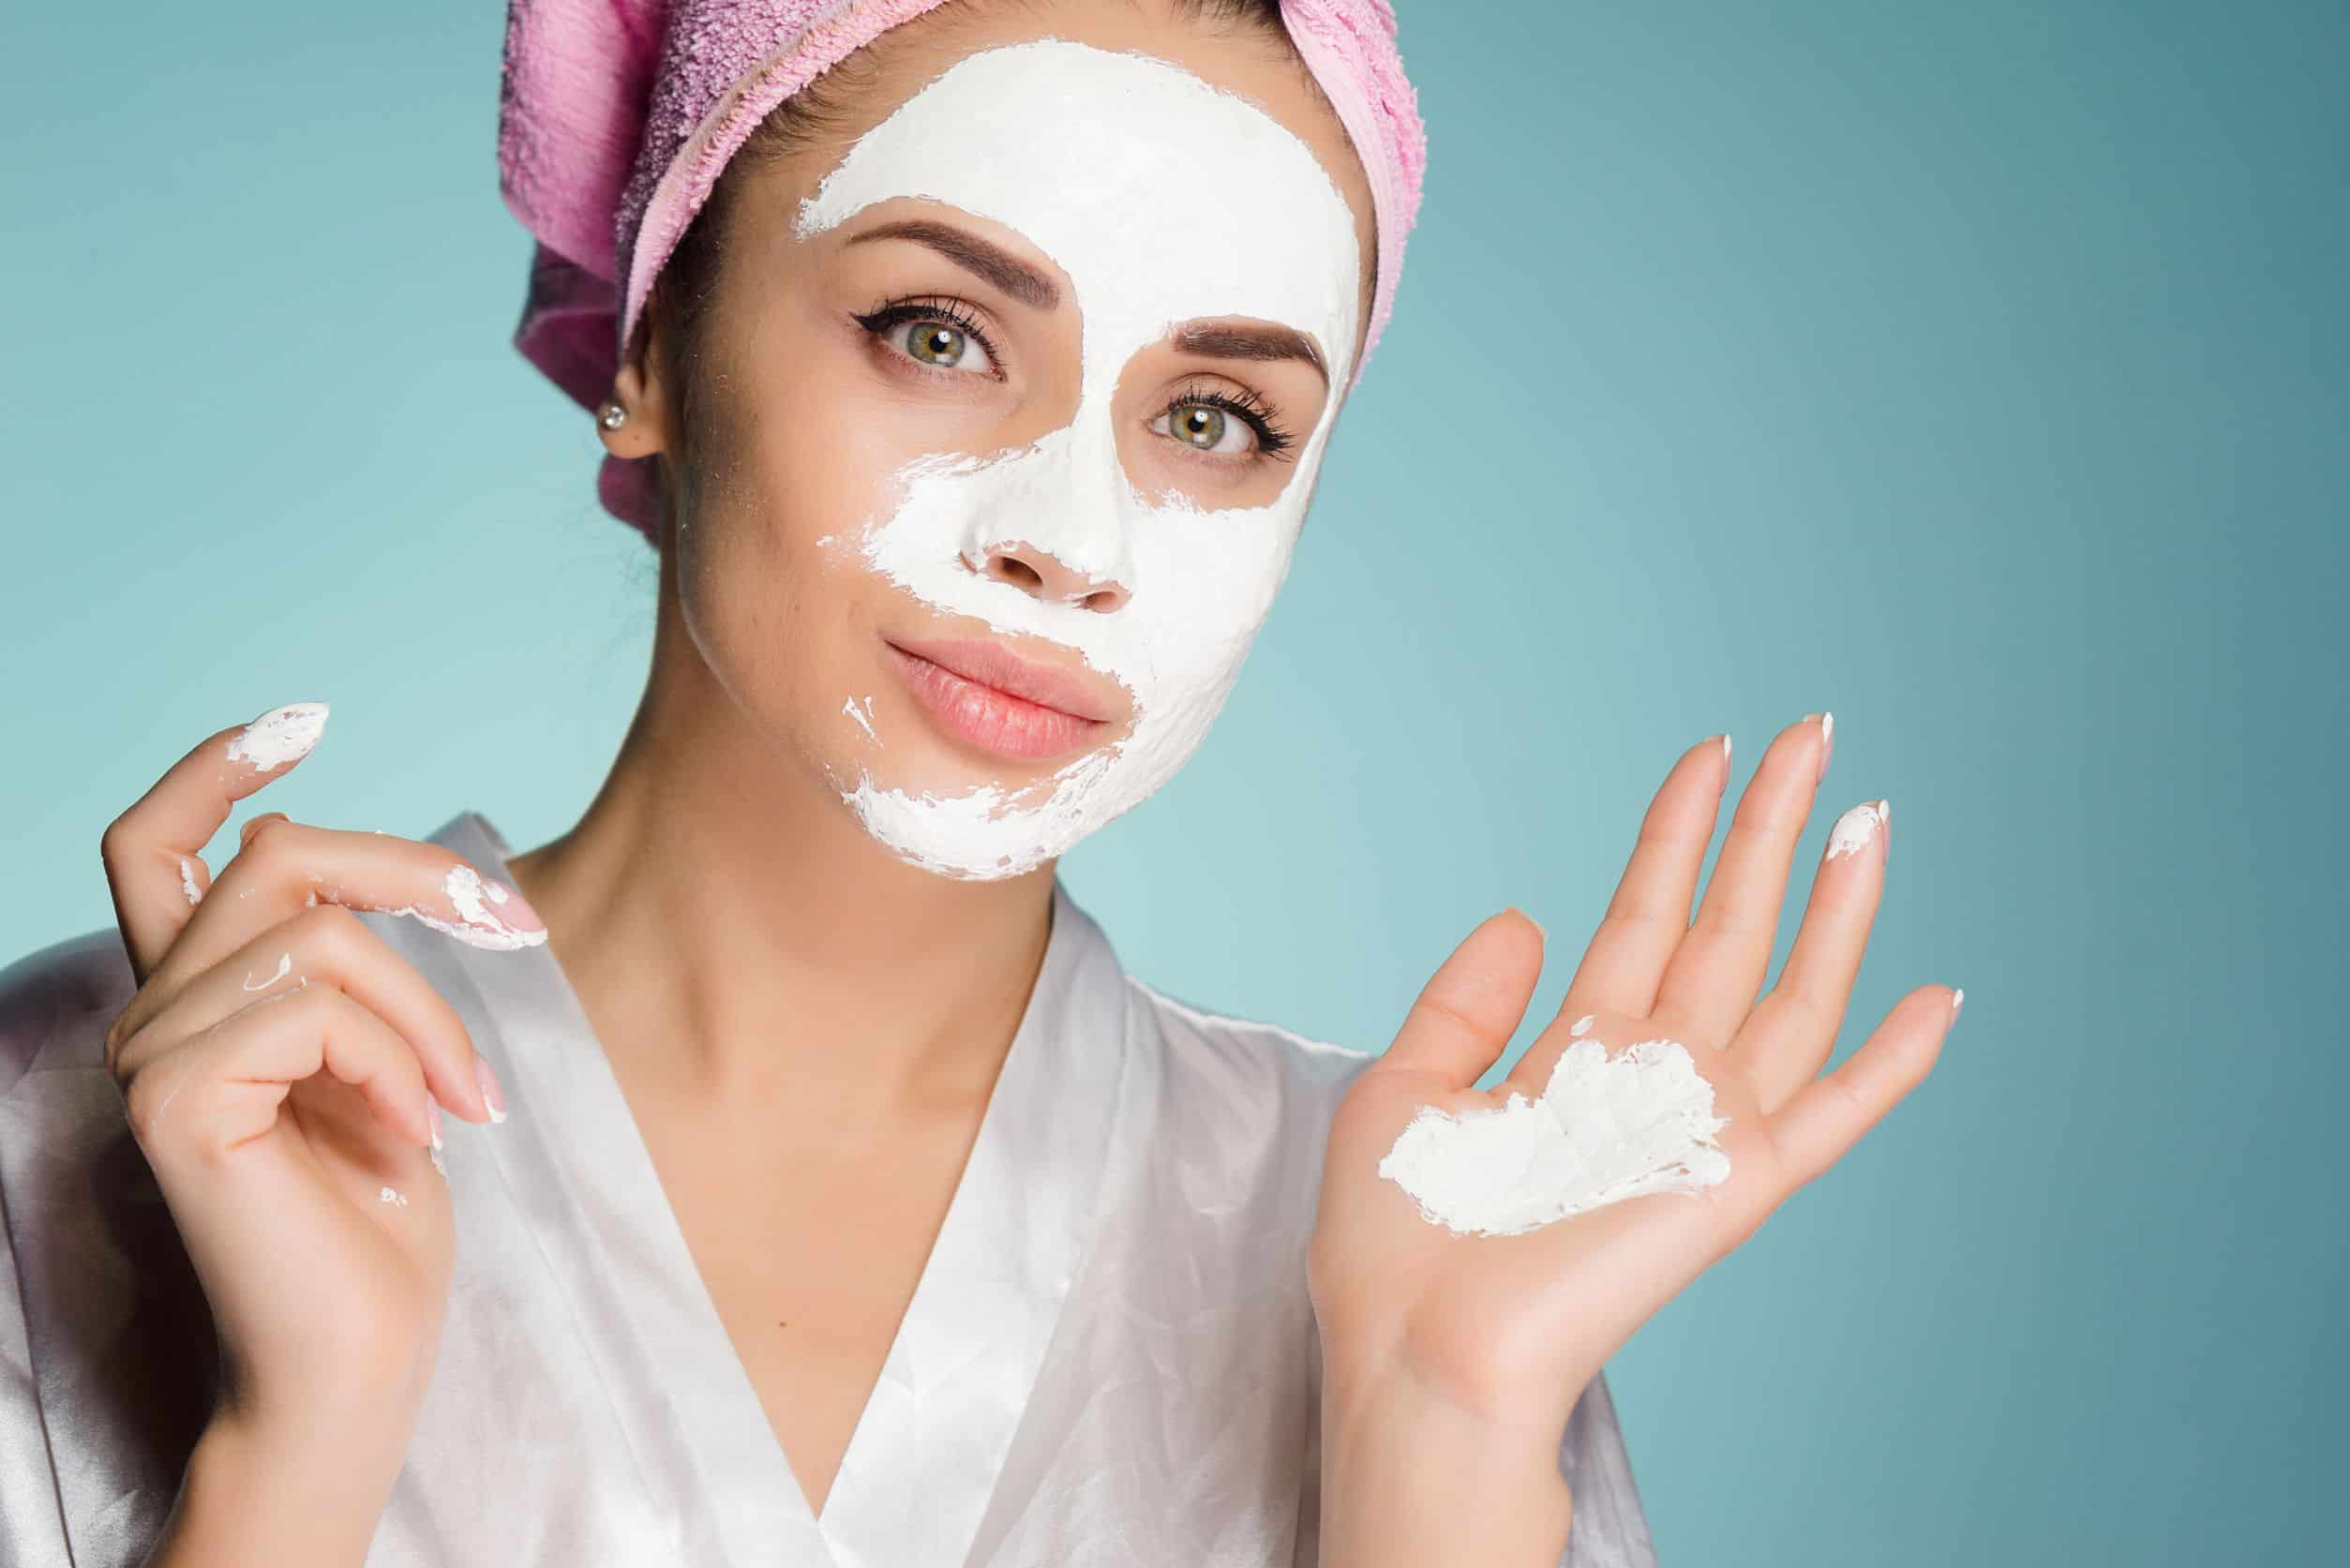 Imagem de uma mulher aplicando uma máscara facial.